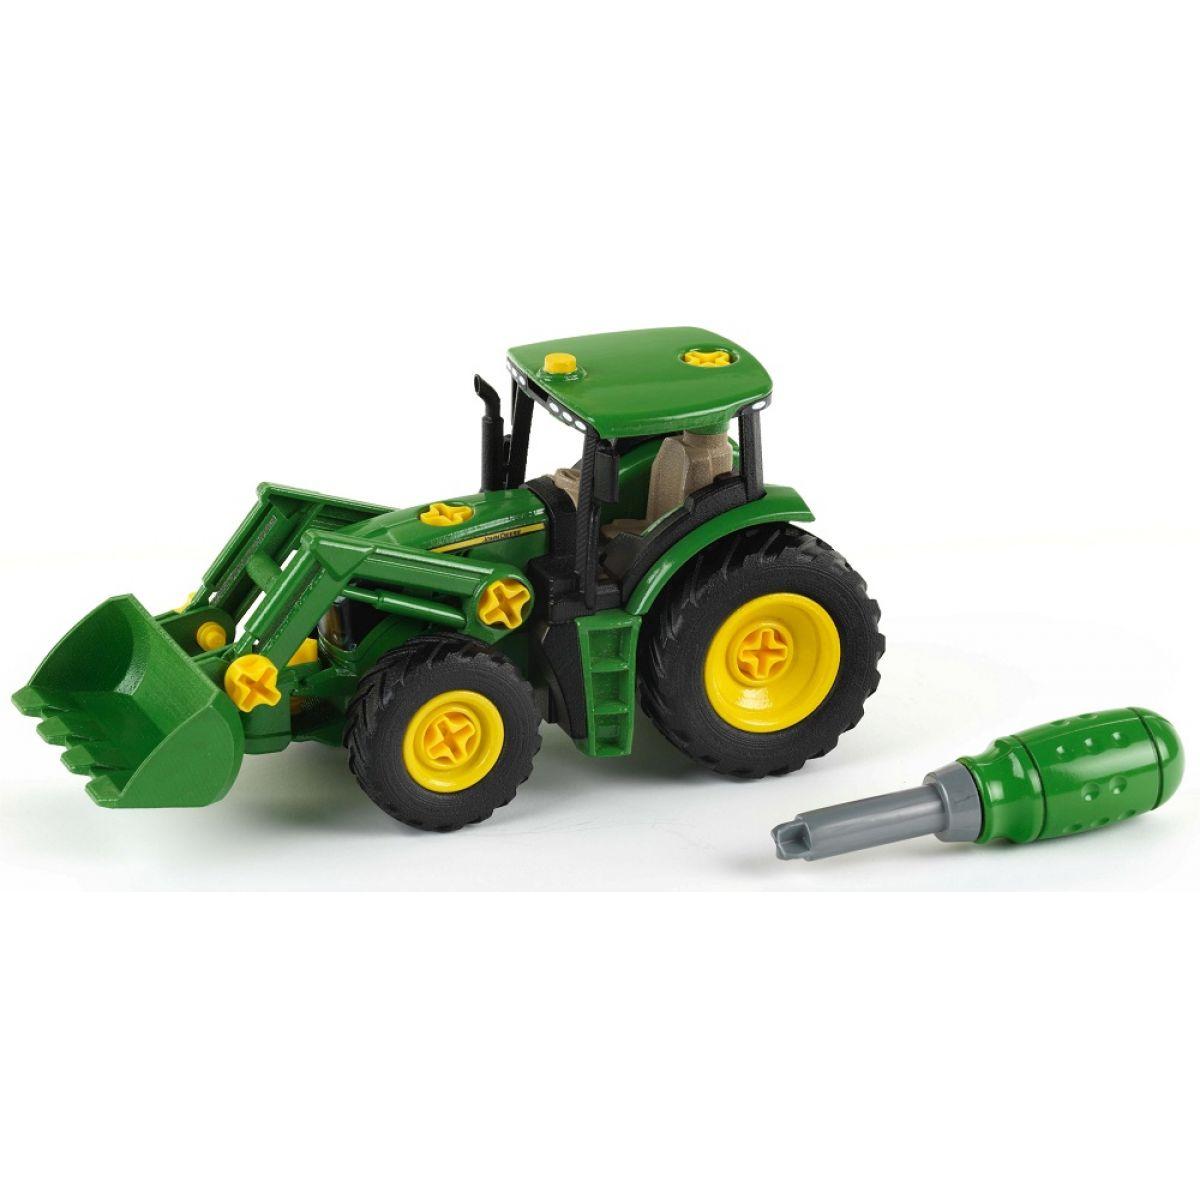 KLEIN John Deere Traktor s predným nakladačom